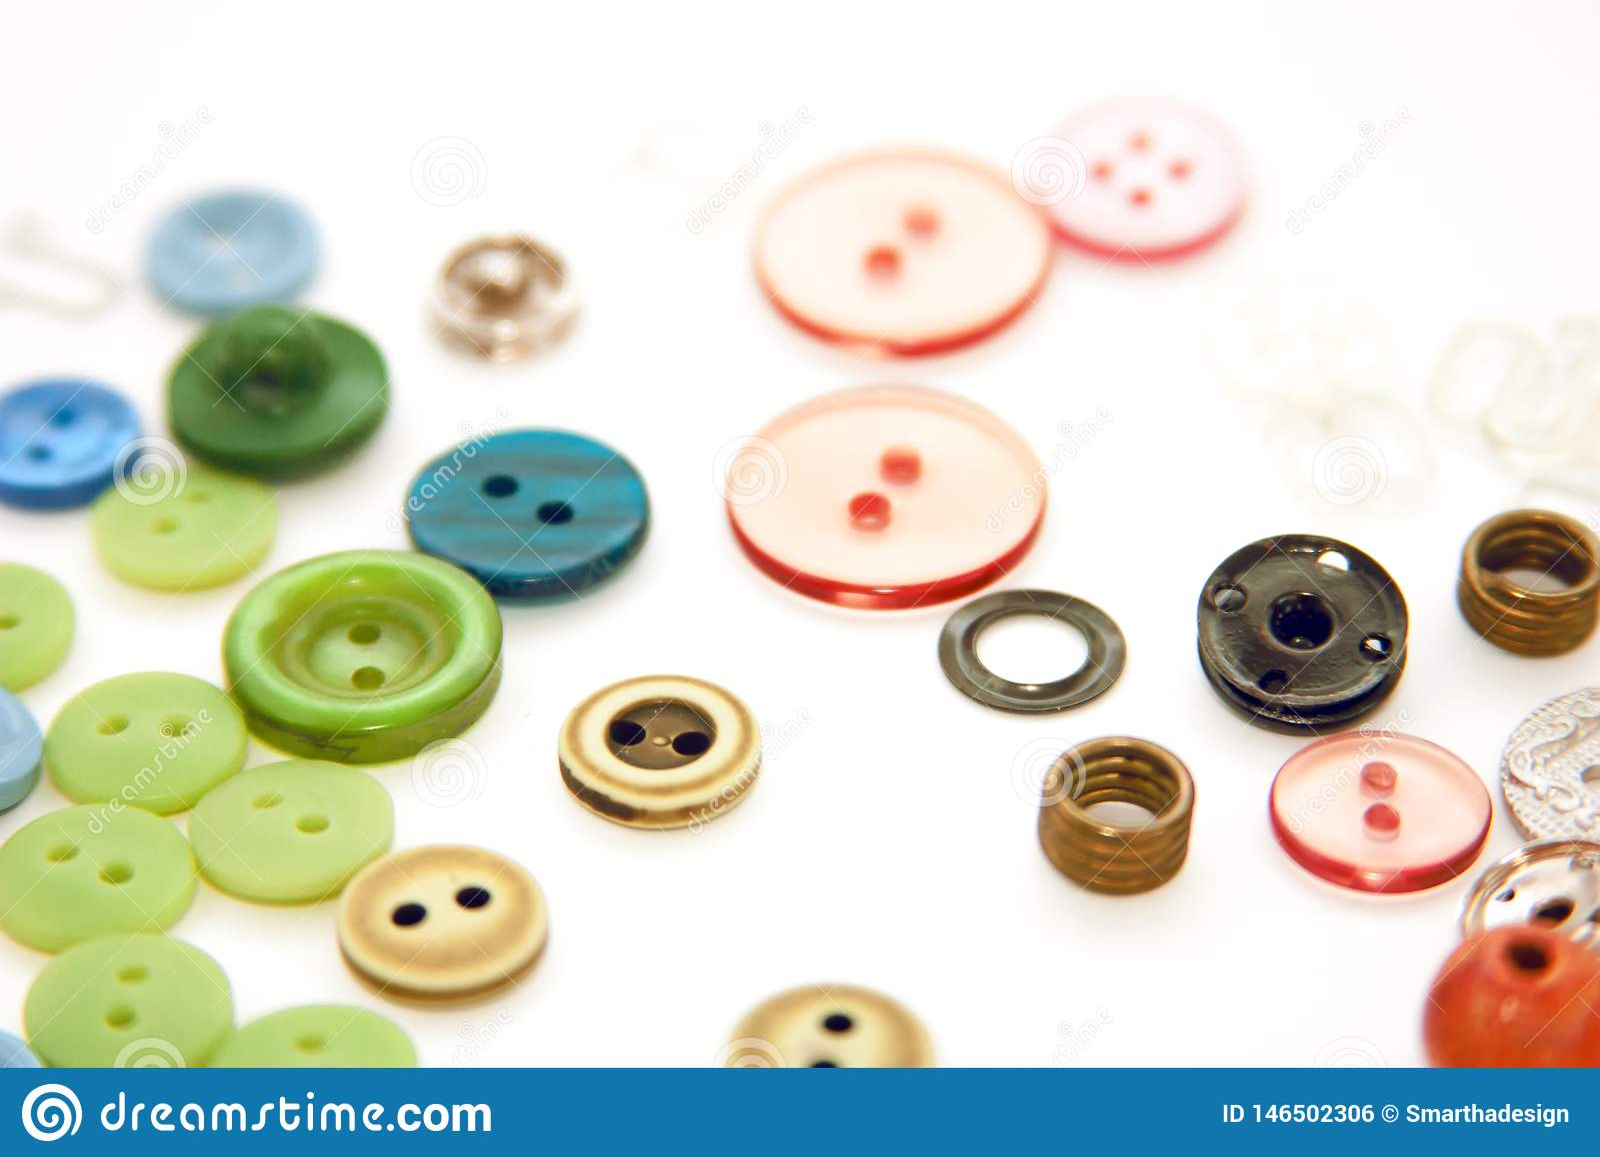 Επίπεδος βάλτε με τα ζωηρόχρωμα ράβοντας κουμπιά, χλευάζει επάνω, τοπ άποψη Πρότυπο κουμπιών σχεδιαγράμματος στο κενό άσπρο υπόβα